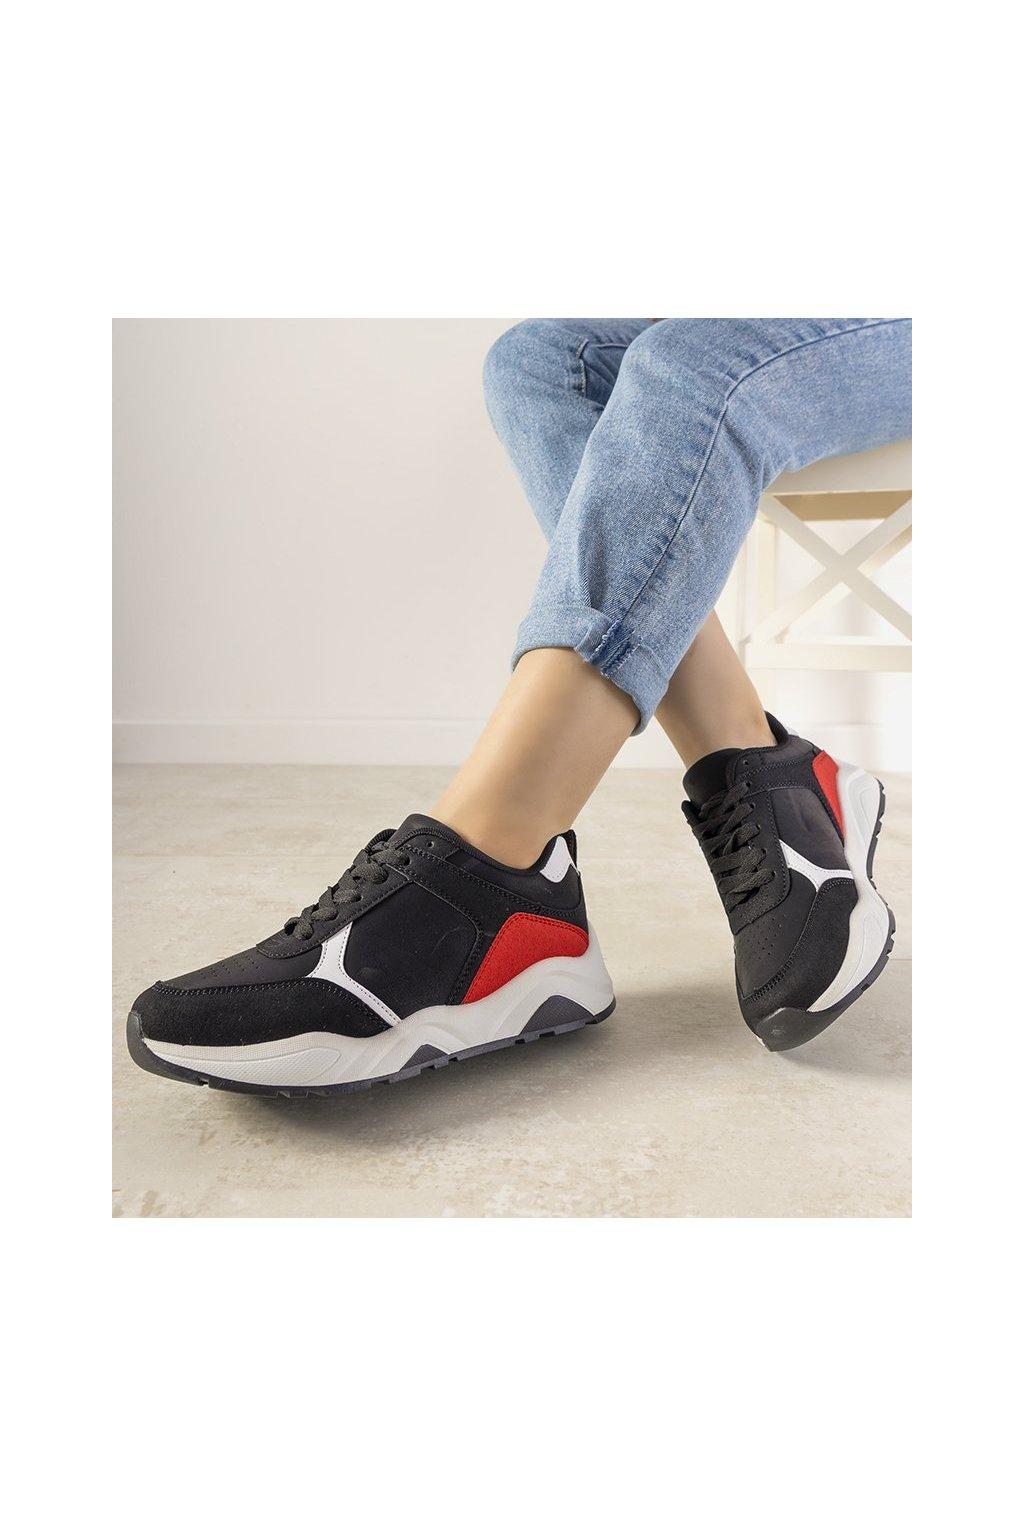 Dámske topánky tenisky čierne kód E2021 - GM